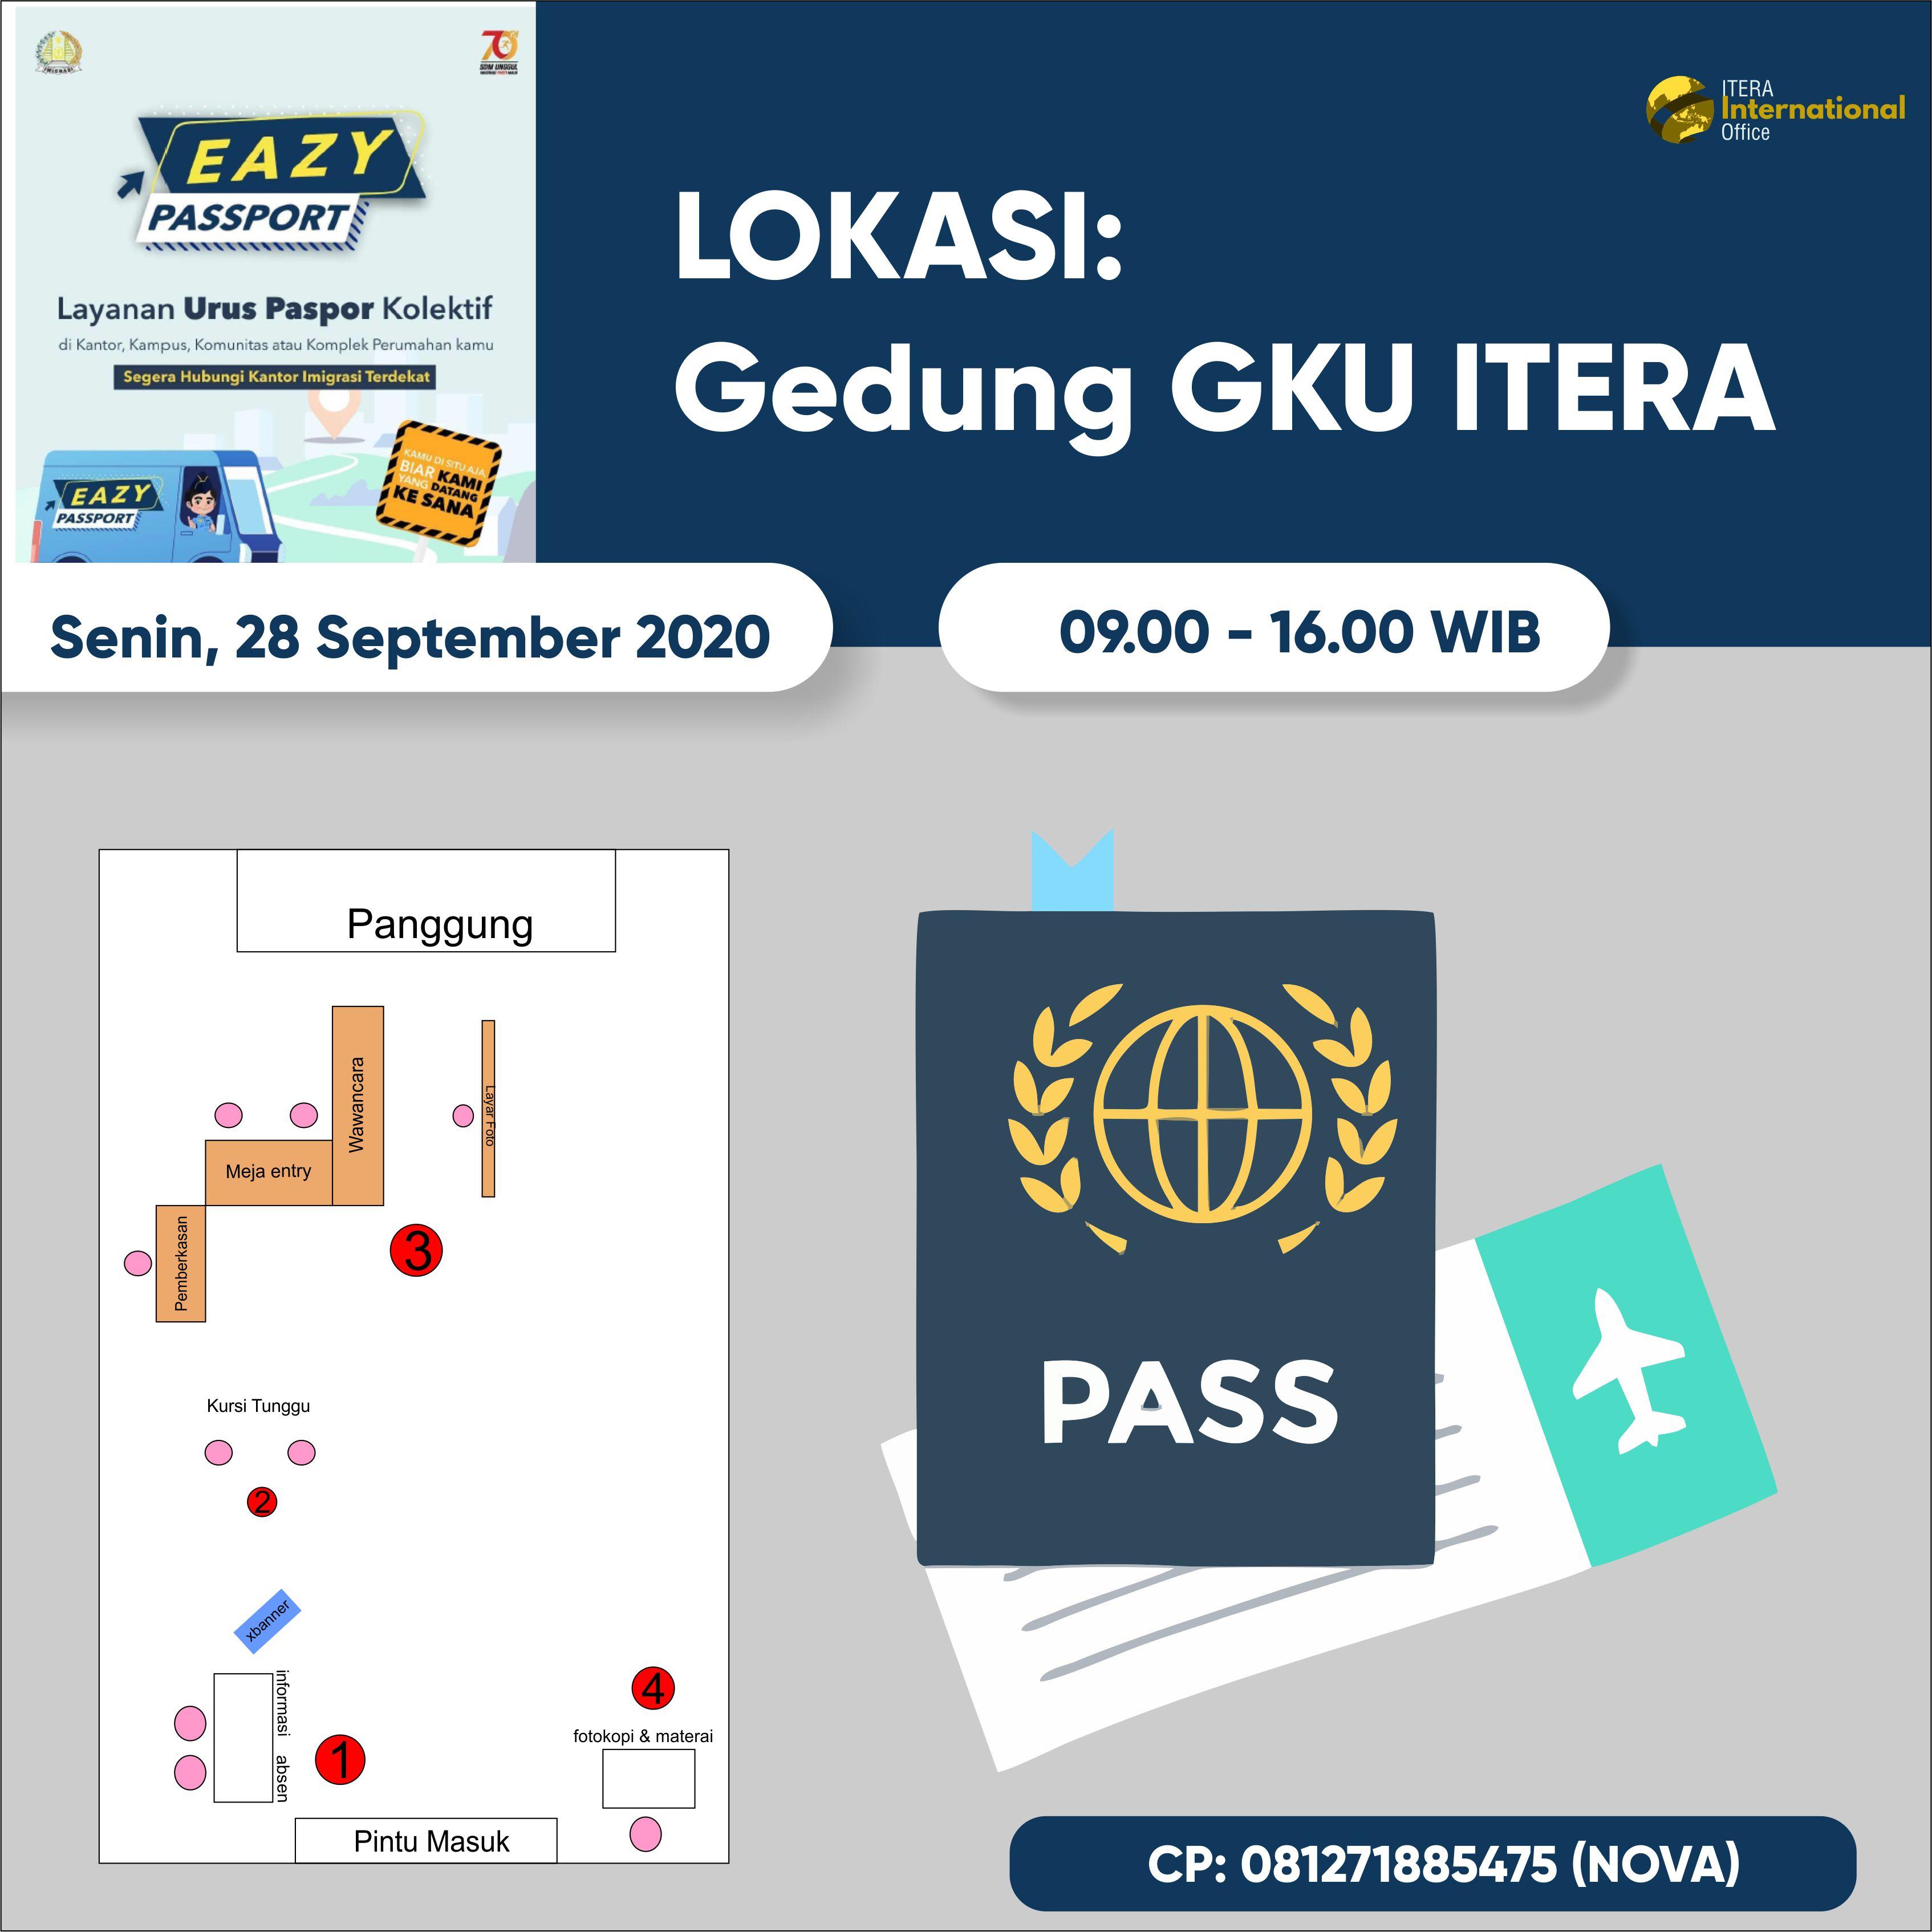 Pembagian Sesi Pemohon Pembuatan Passport (Layanan EAZY PASSPORT) di ITERA